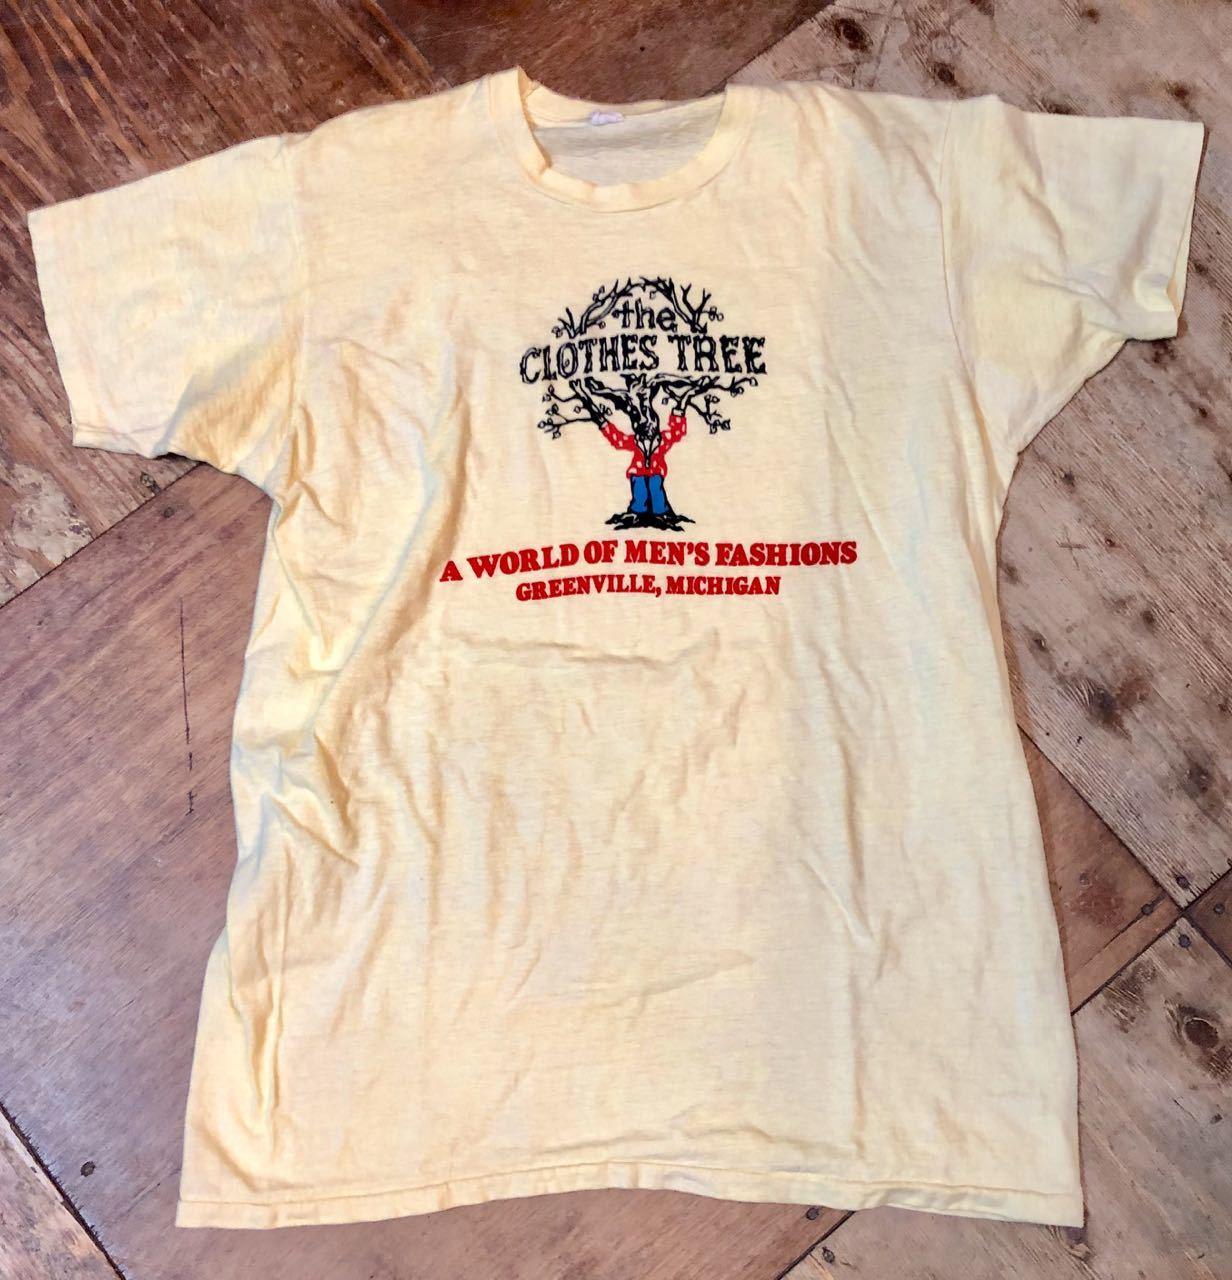 6月20日(木)入荷! 70s all cotton 染み込みプリントTシャツ!_c0144020_13034958.jpg